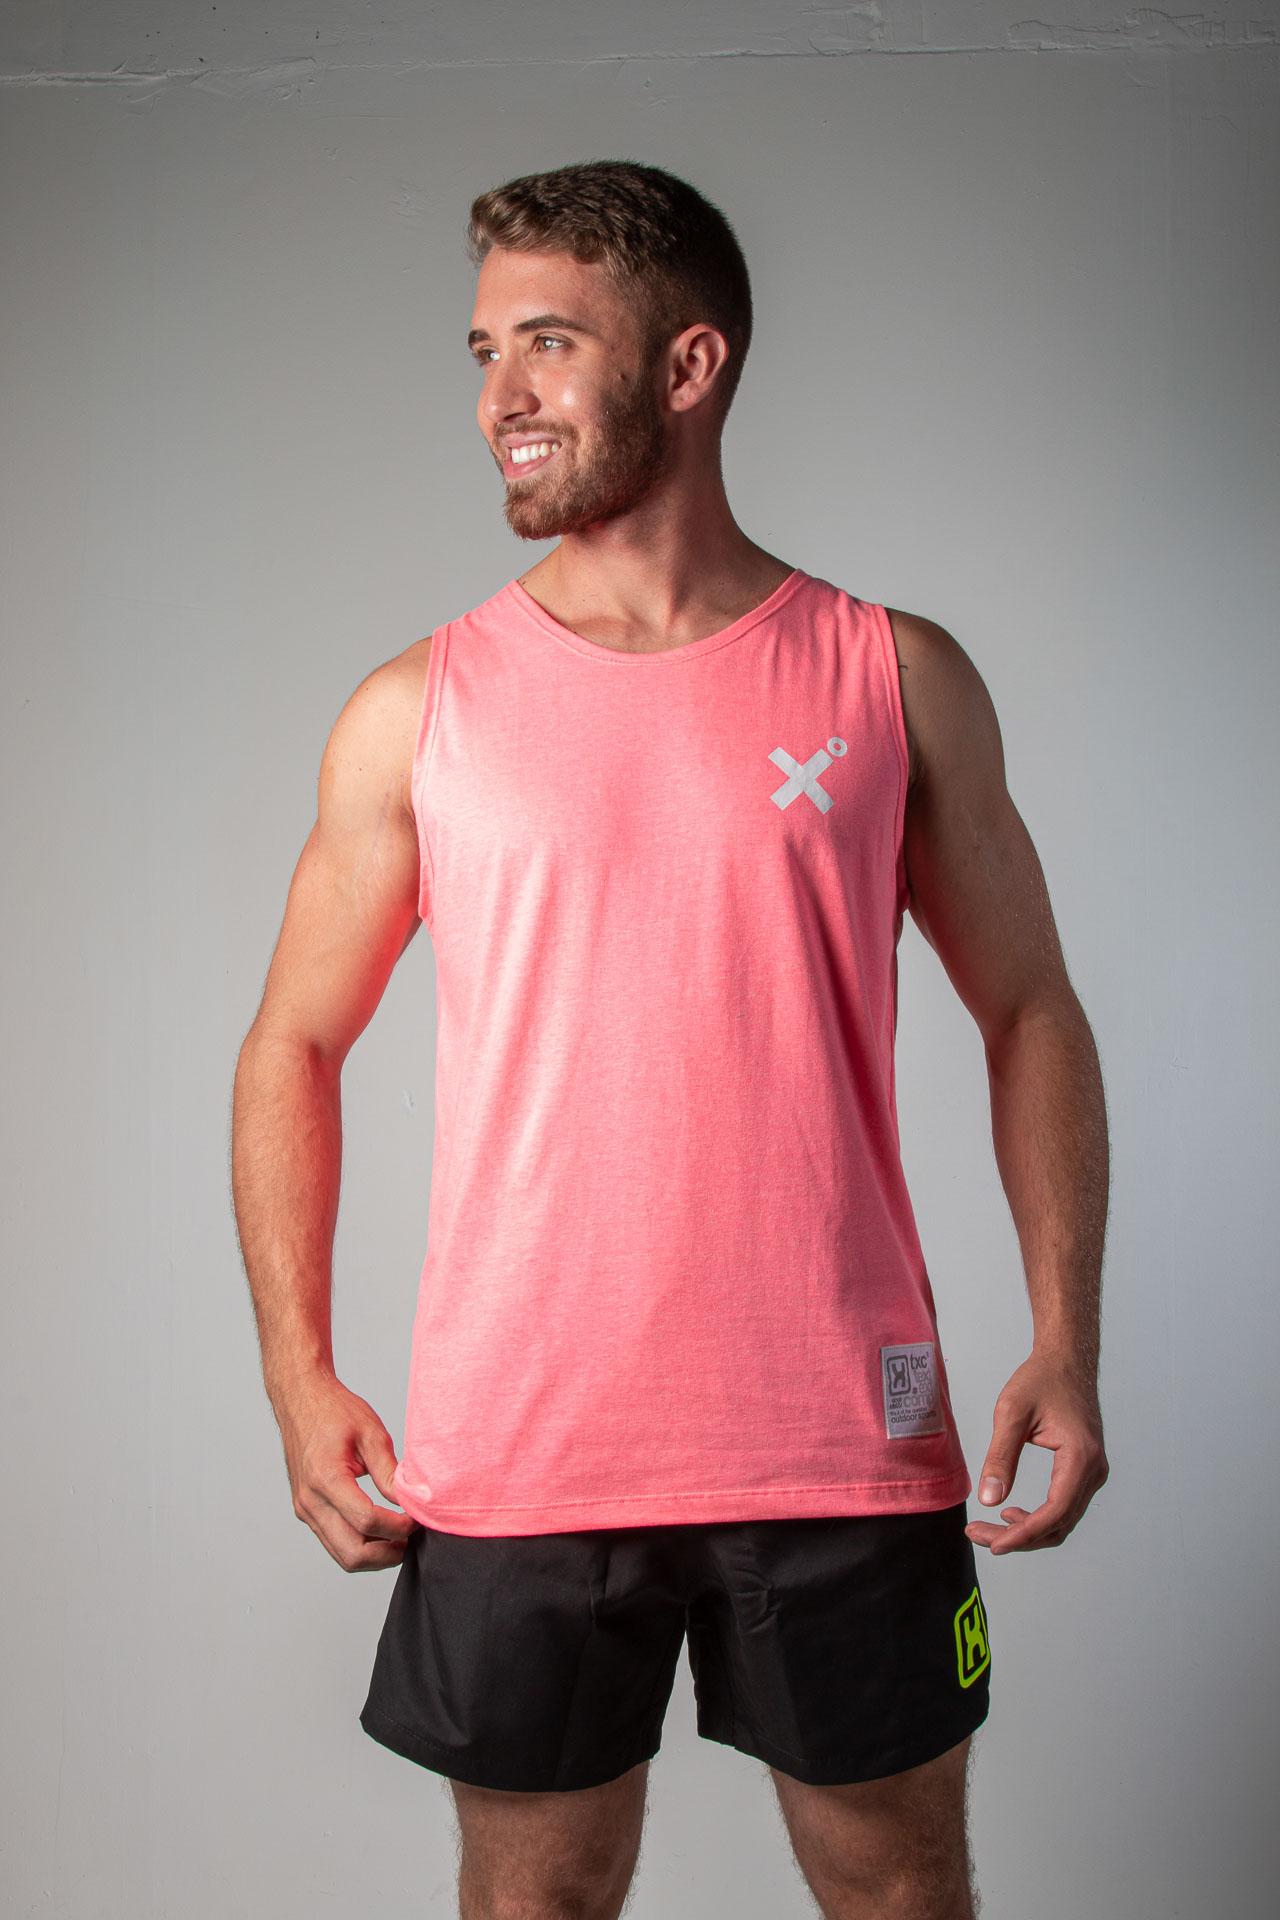 Camiseta Regata TXC 2007